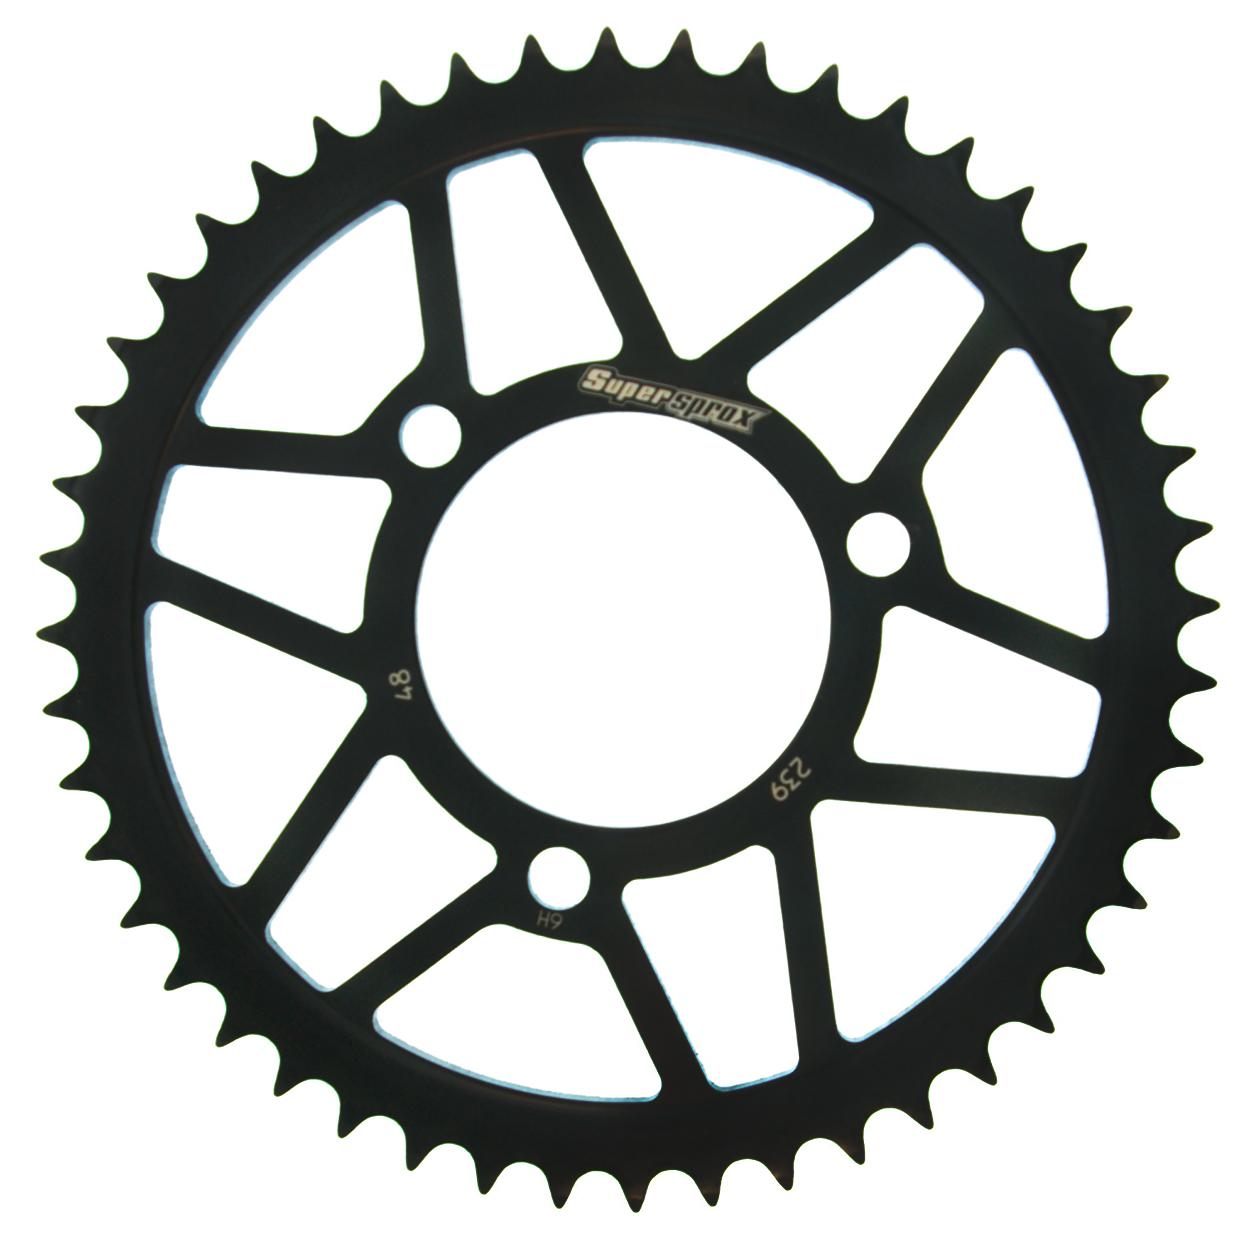 Stahl-Kettenrad Supersprox 420 - 48Z (schwarz)